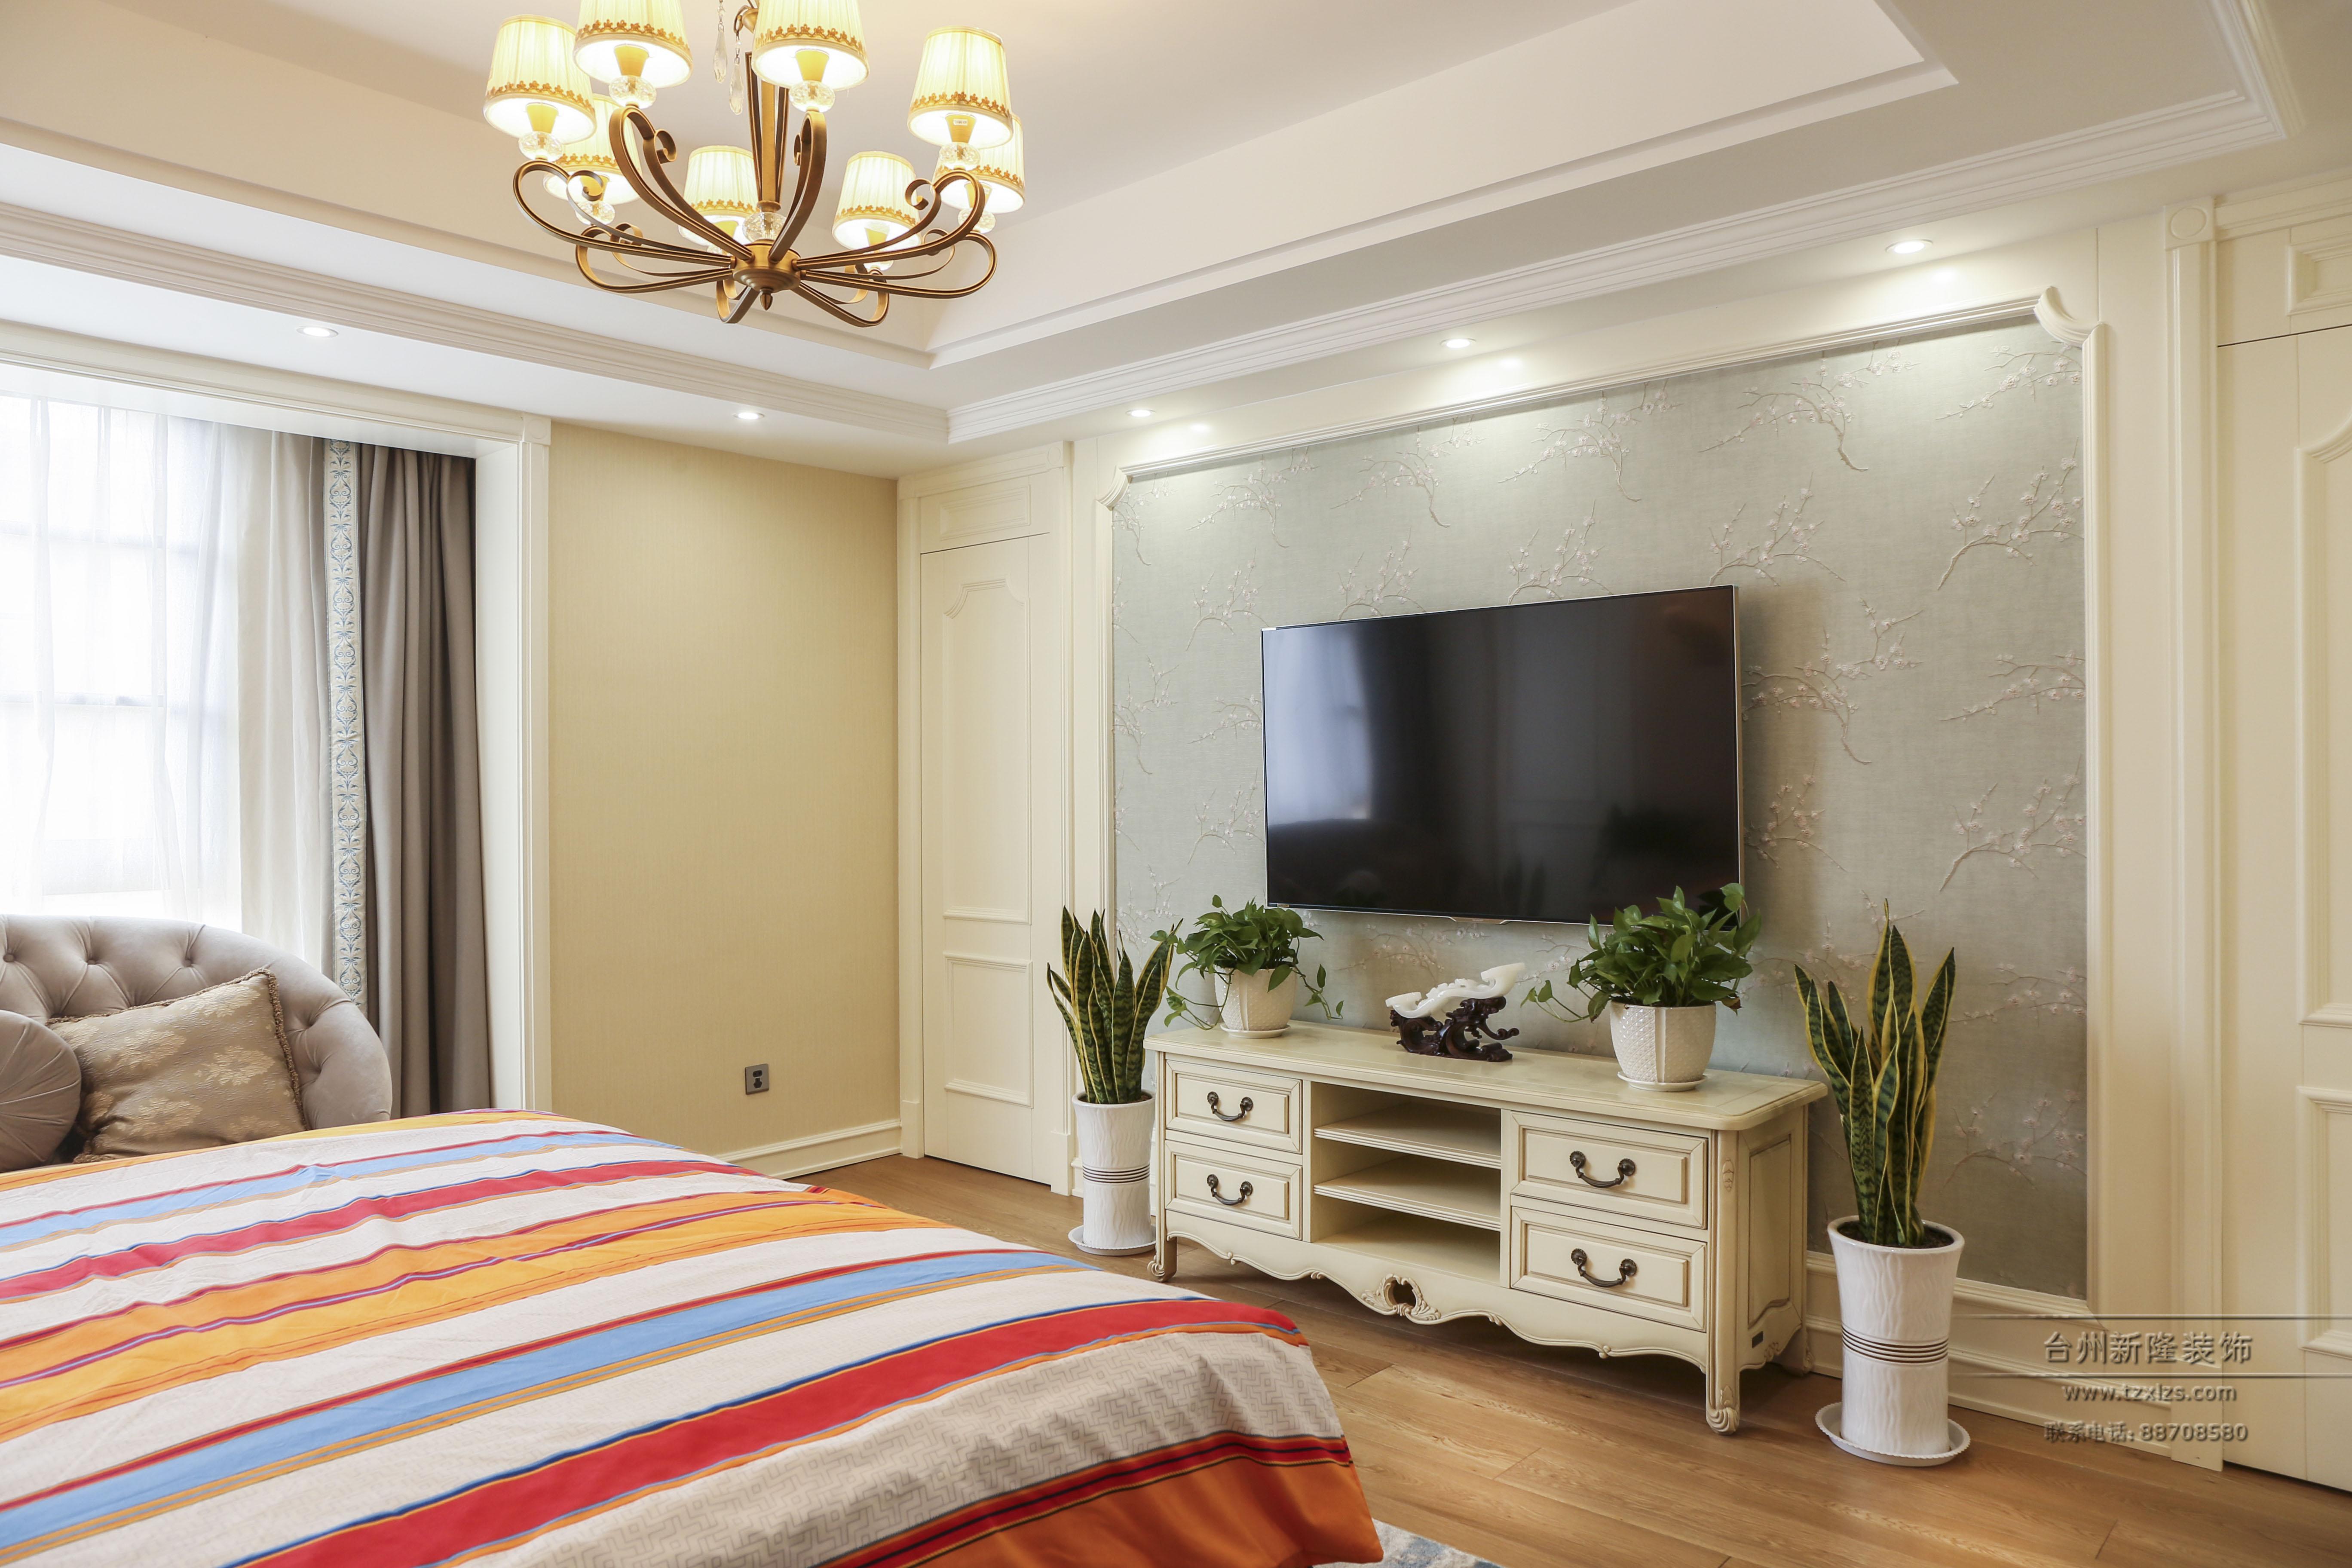 欧式风格别墅卧室电视墙装修效果图